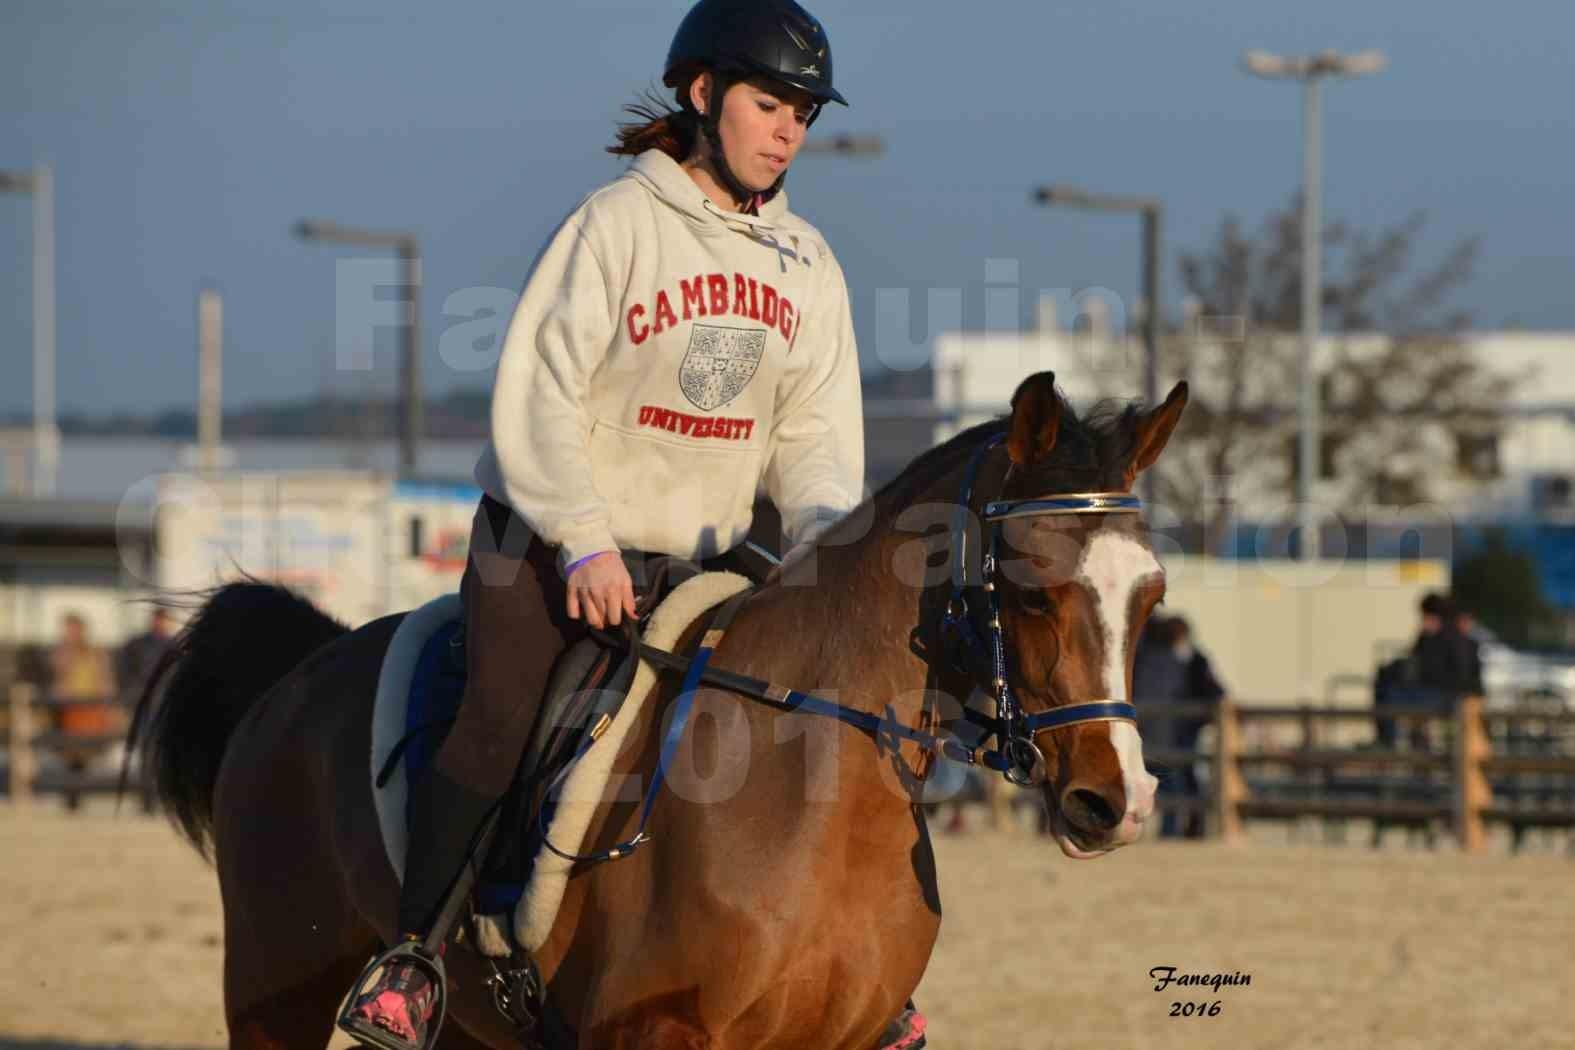 Cheval Passion 2016 - Présentation extérieure de chevaux Arabes montés - 07